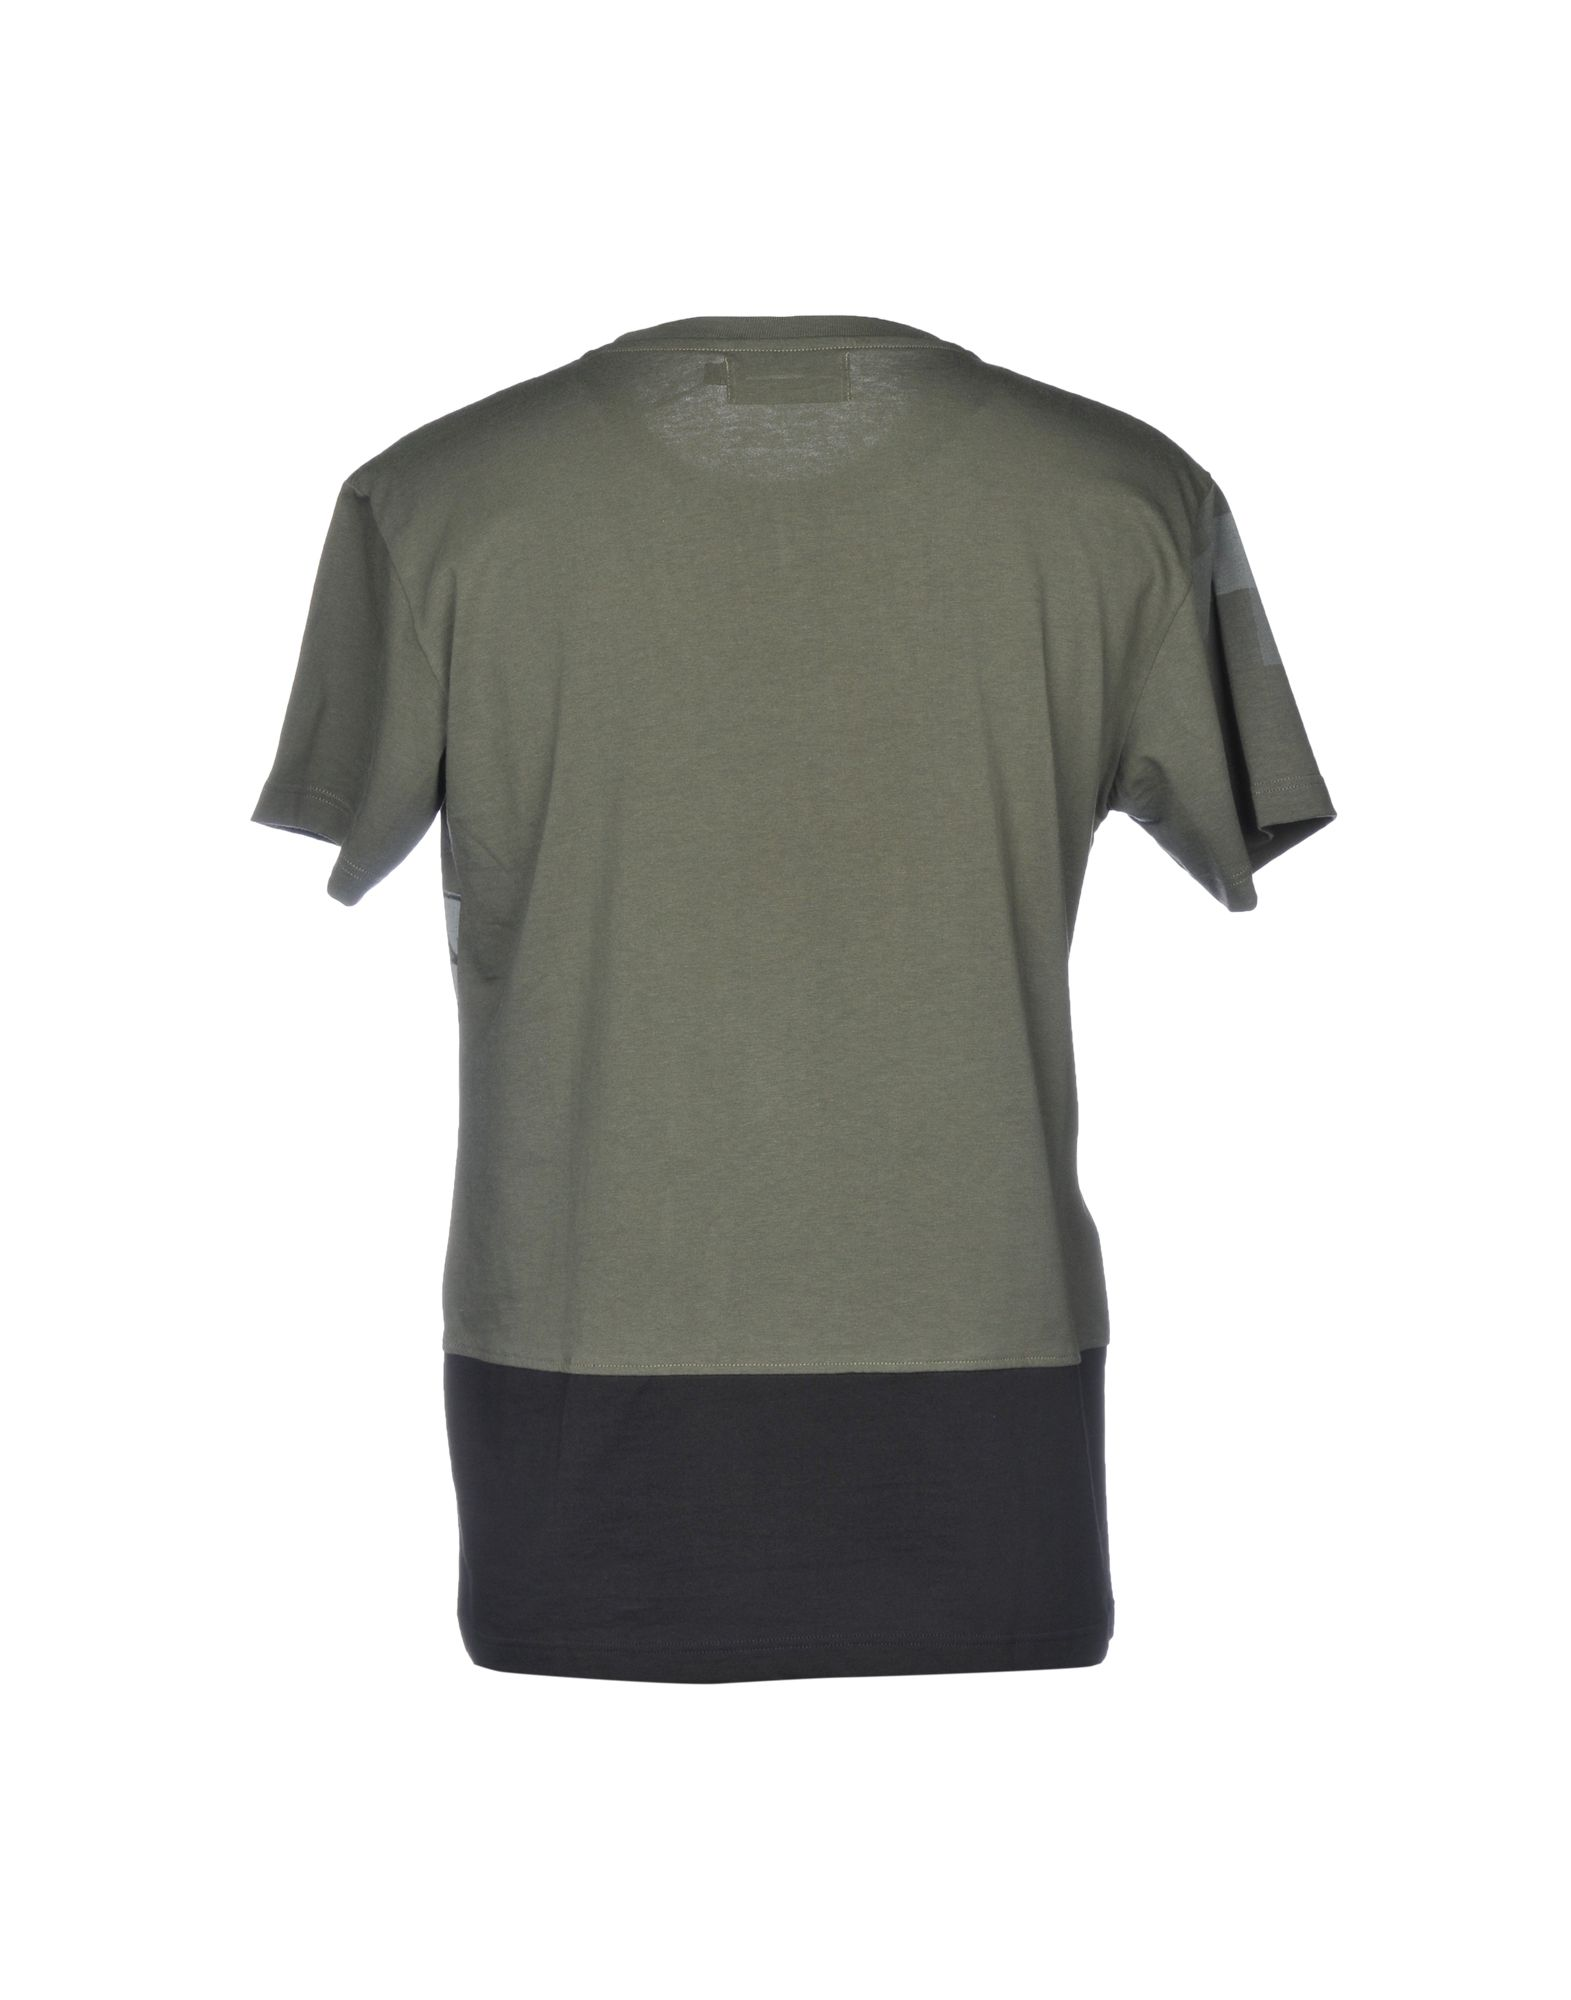 T-Shirt Stk Supertokyo Uomo - 12207422XO 12207422XO - ebda78